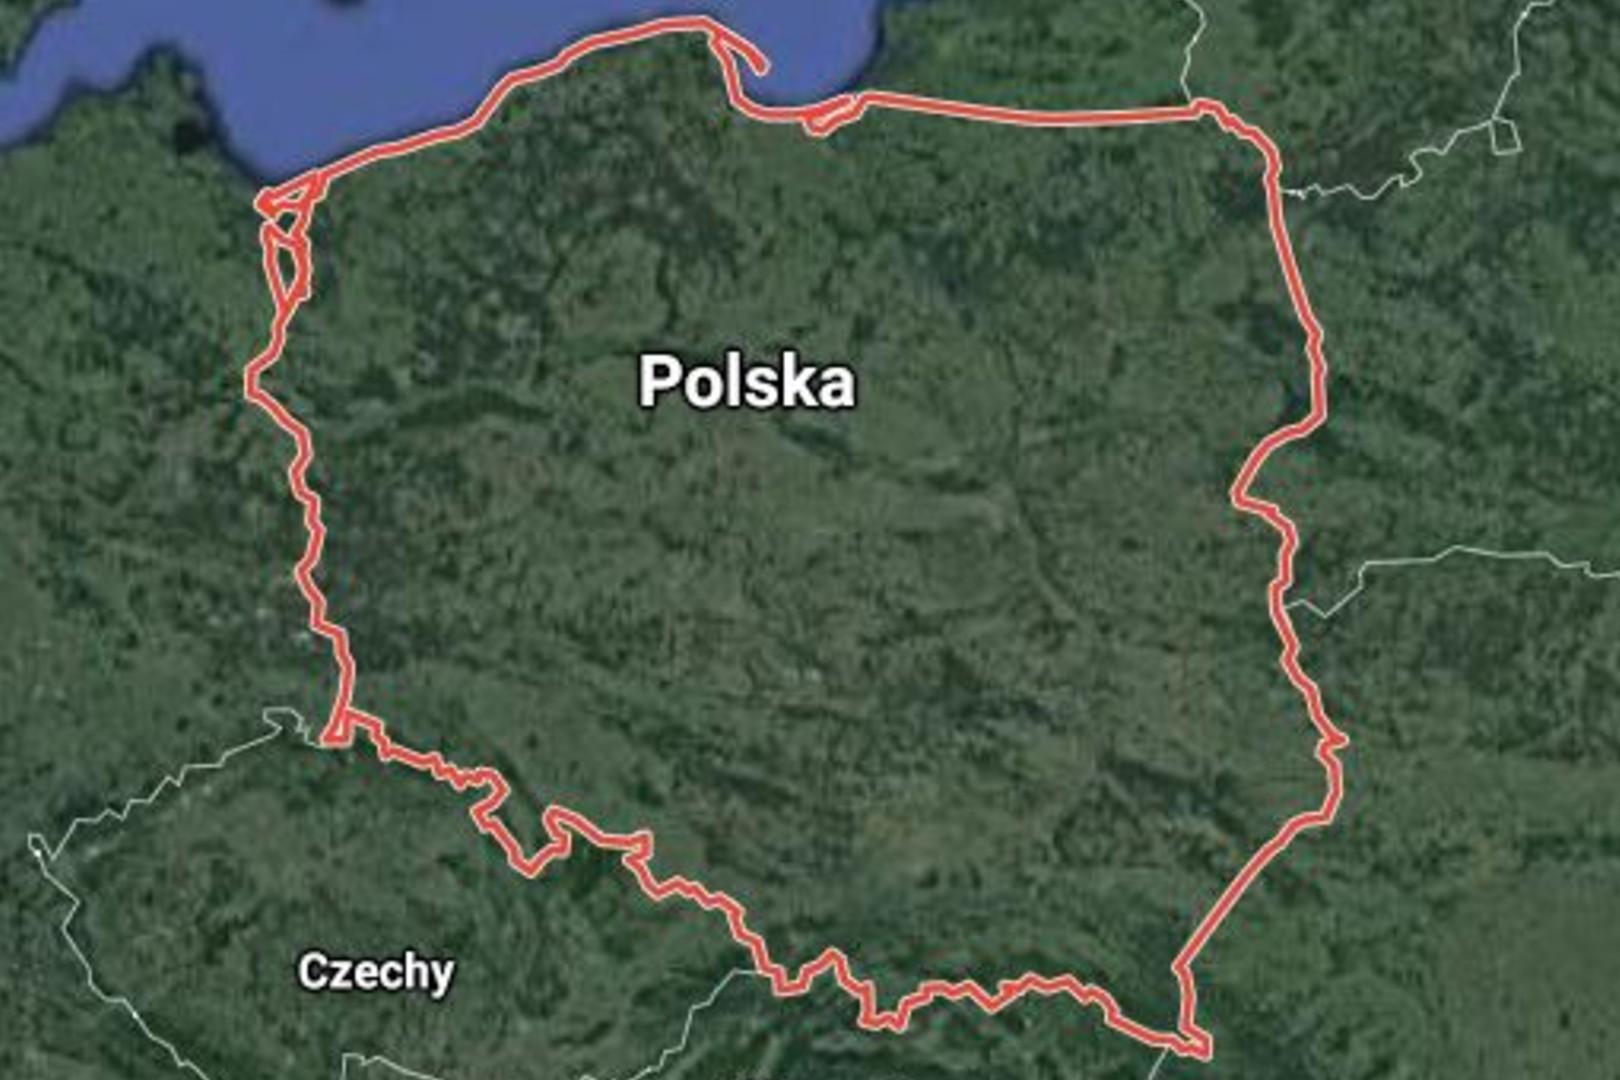 Paszporty szczepionkowe nie będą testowane w Polsce